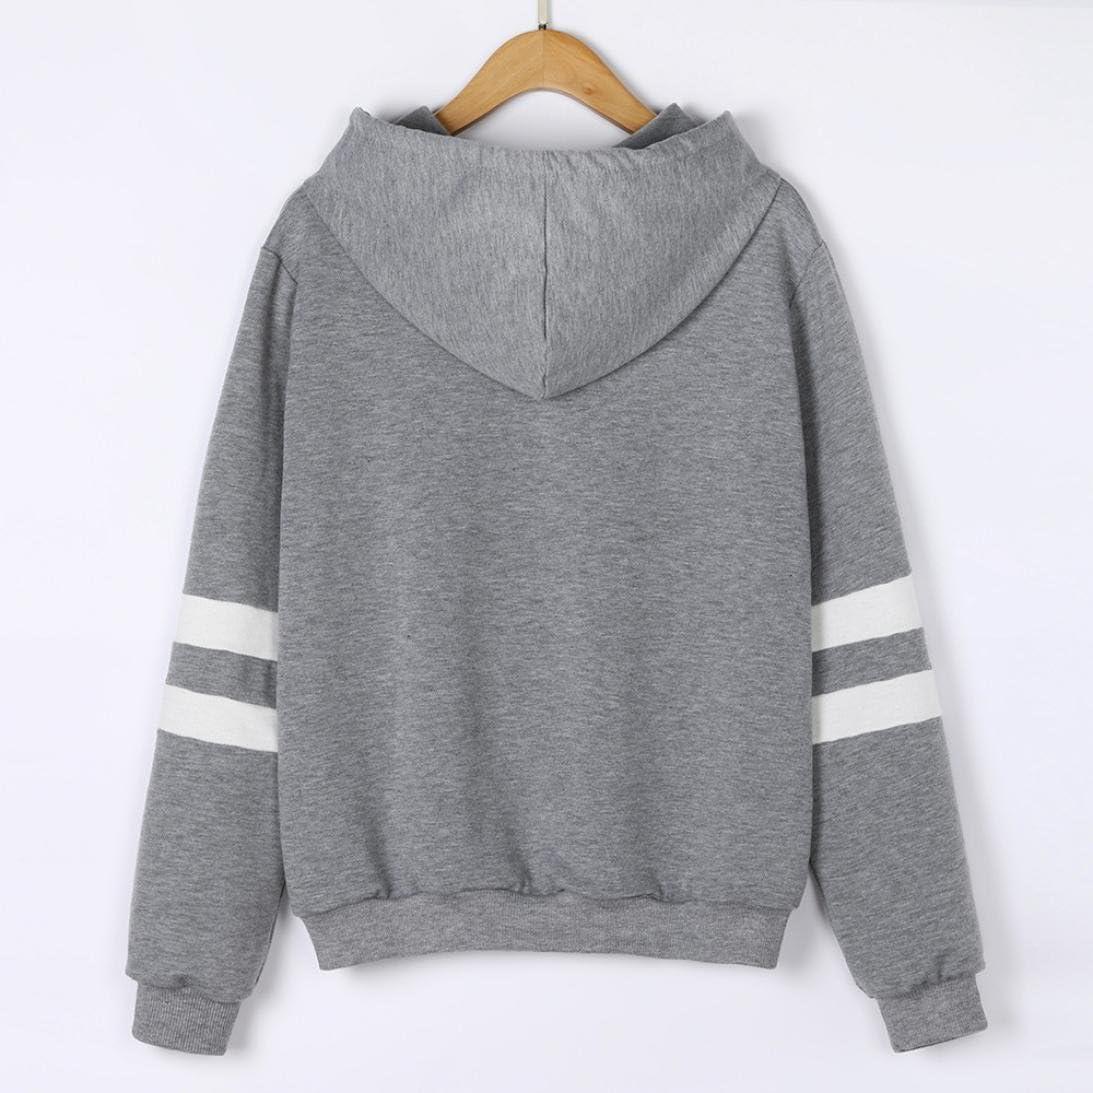 KaloryWee Womens Planet Print Hoodie Sweatshirt Long Sleeve Jumper Hooded Pullover Tops Blouse